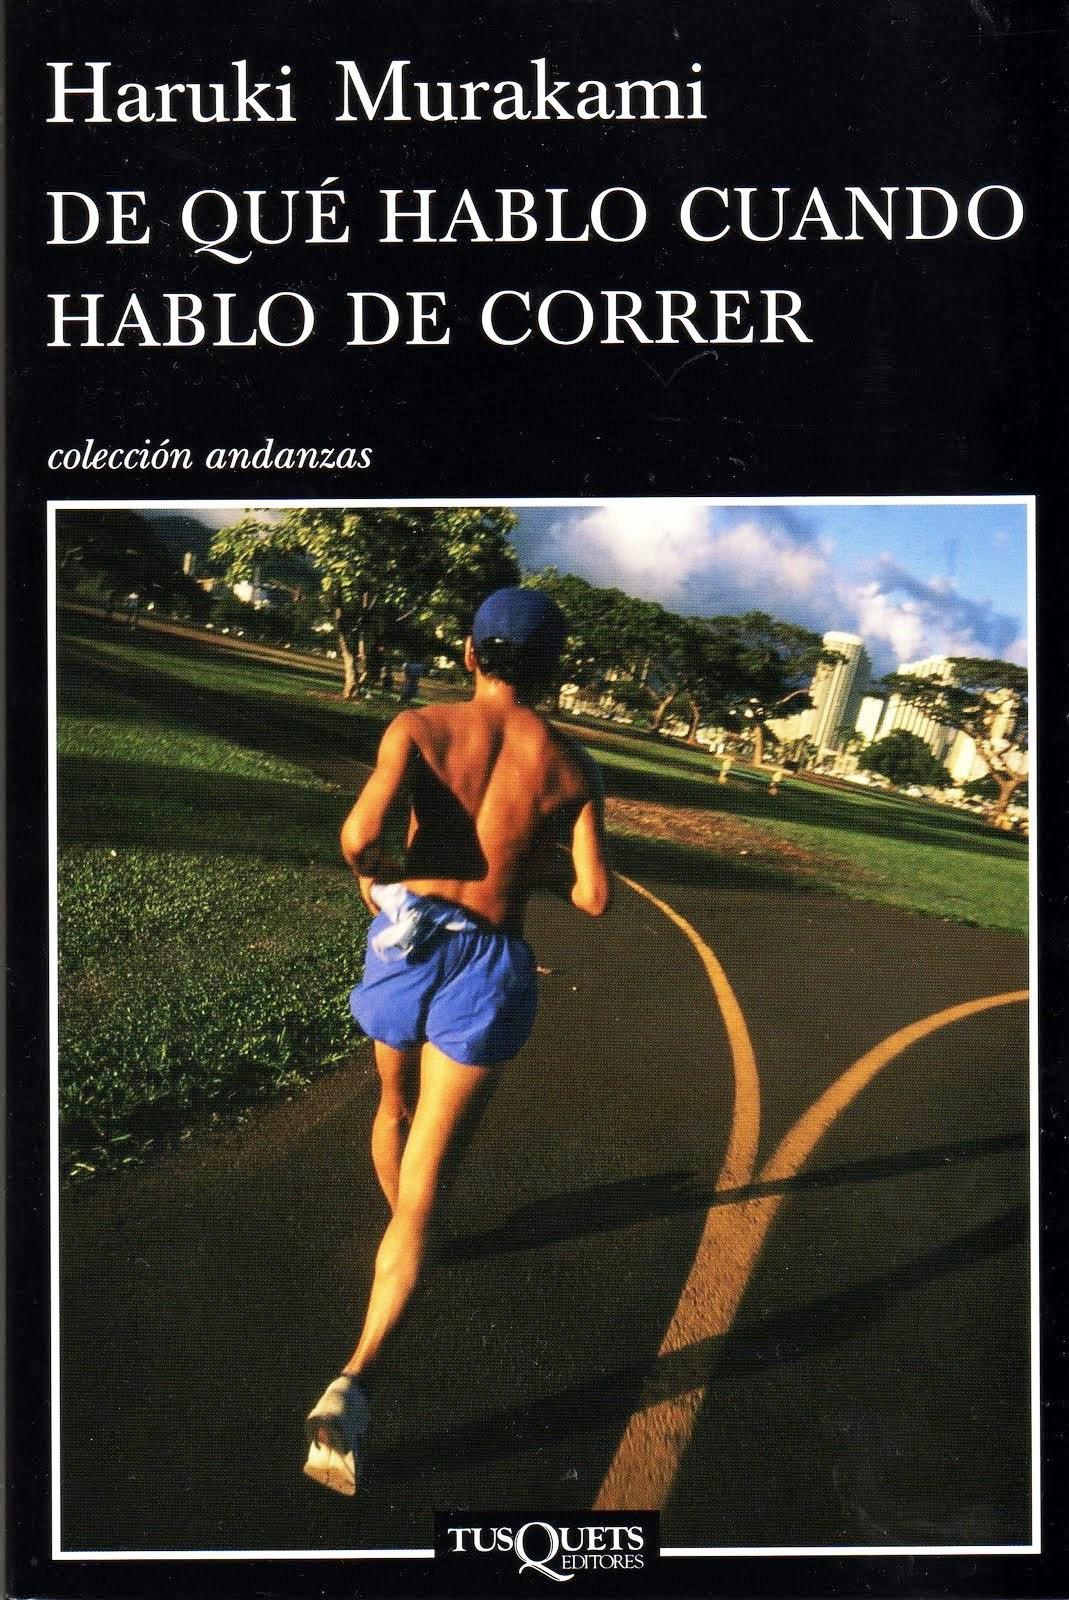 De qué hablo cuando hablo de correr, de Haruki Murakami